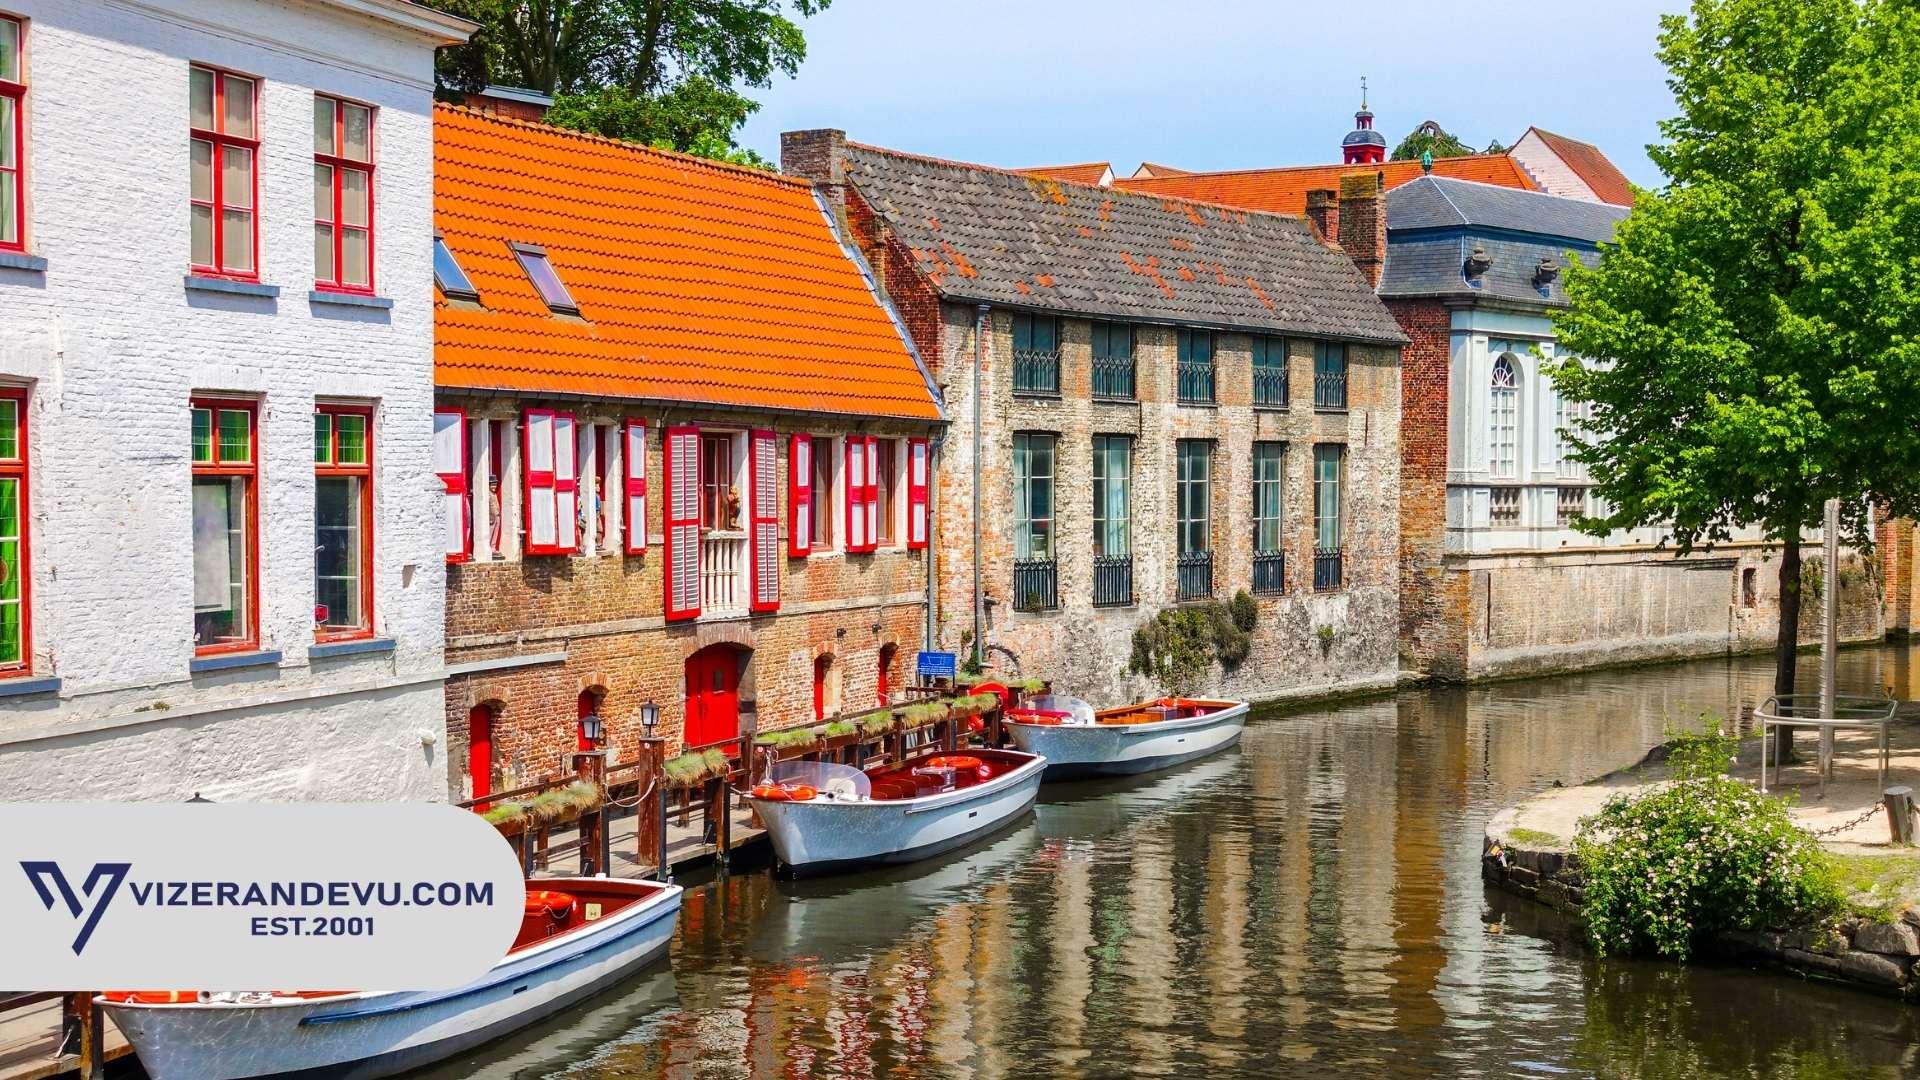 Küçükler İçin Belçika Vize Koşulları Nedir